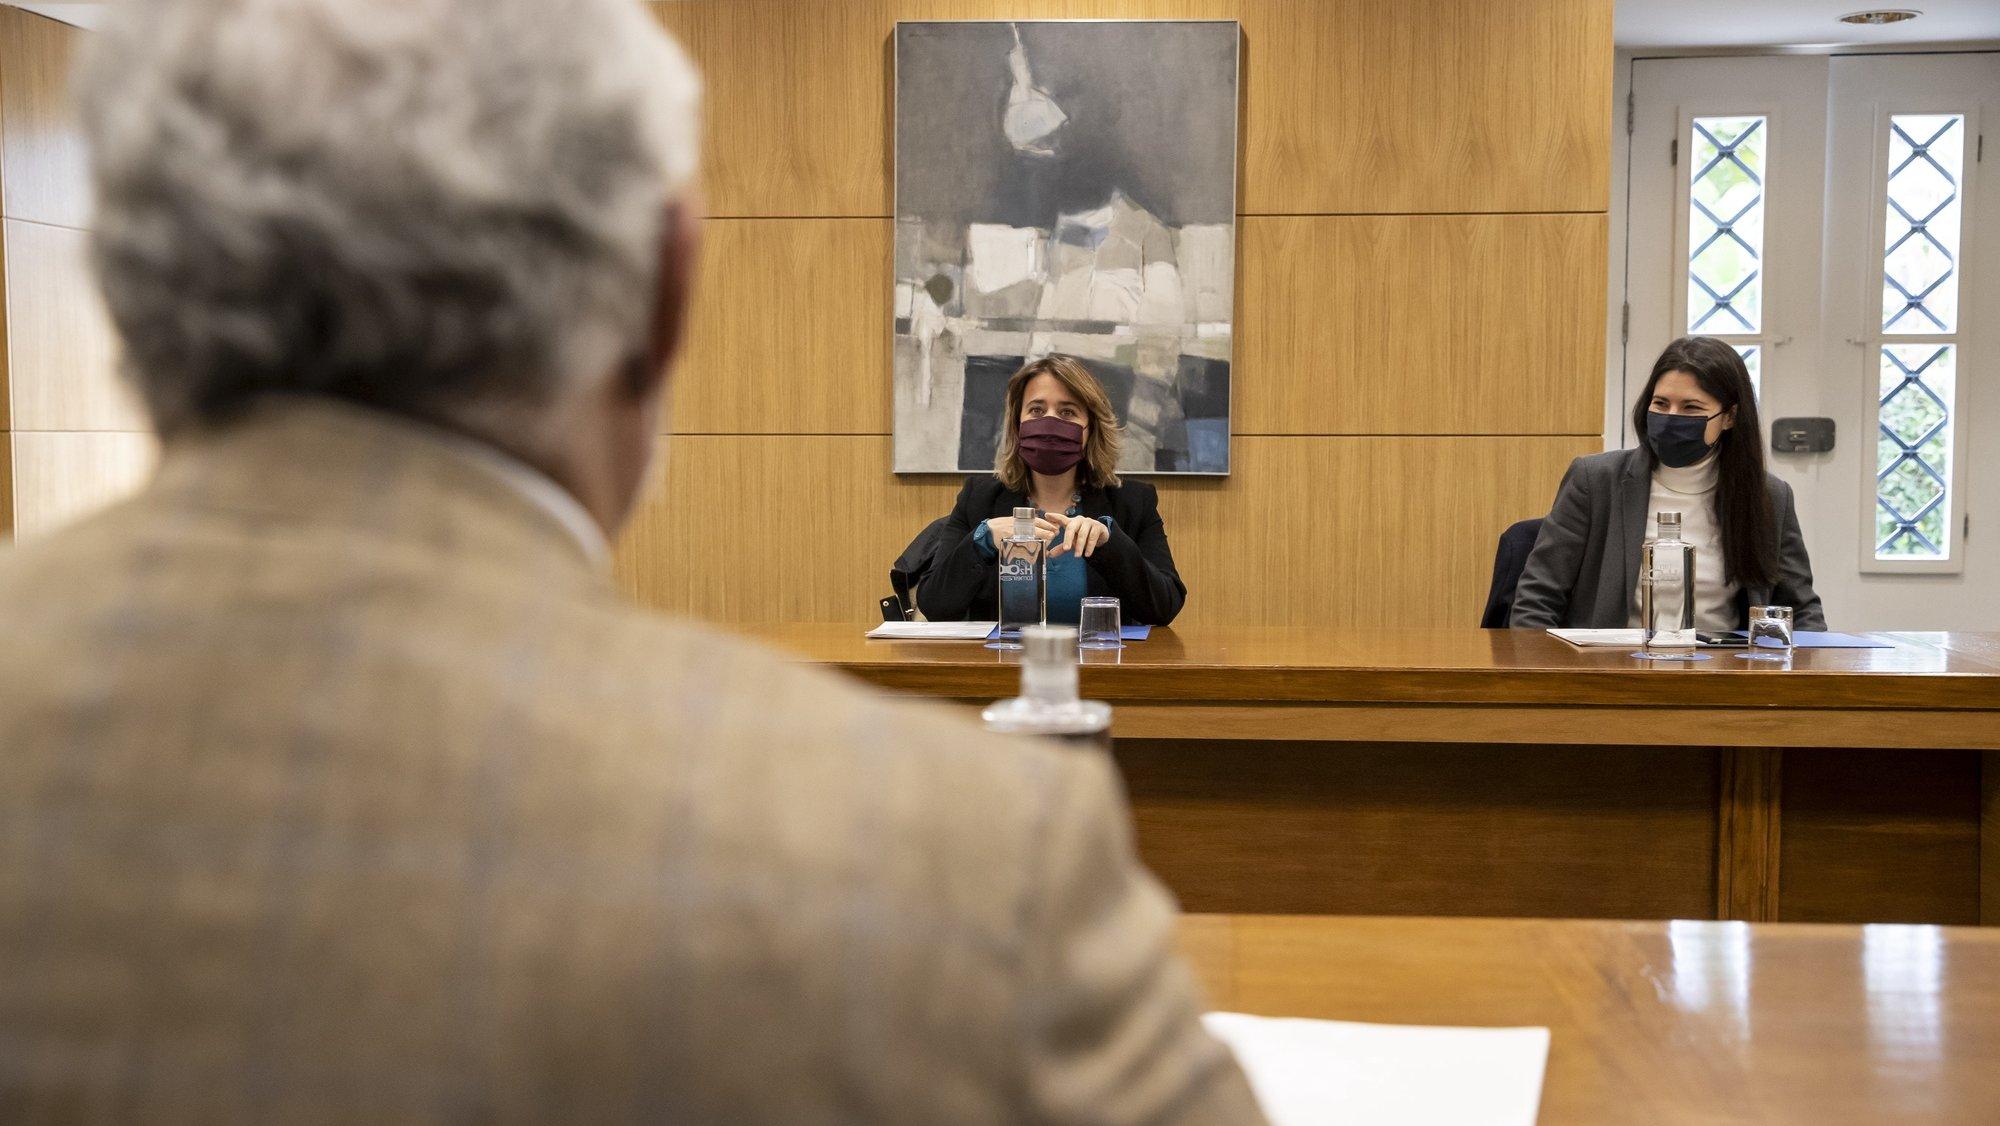 O primeiro-ministro, António Costa (E), durante uma audiência com uma delegação do Bloco de Esquerda composta pela coordenadora Catarina Martins (C), pela deputada Mariana Mortágua (D) e pelo líder parlamentar, Pedro Filipe Soares (ausente da foto), para debater a necessidade de medidas mais restritivas para travar o aumento de contágios do novo coronavírus (covid-19) em Portugal, no Palácio de São Bento, em Lisboa, 09 de janeiro de 2021. JOSÉ SENA GOULÃO/LUSA